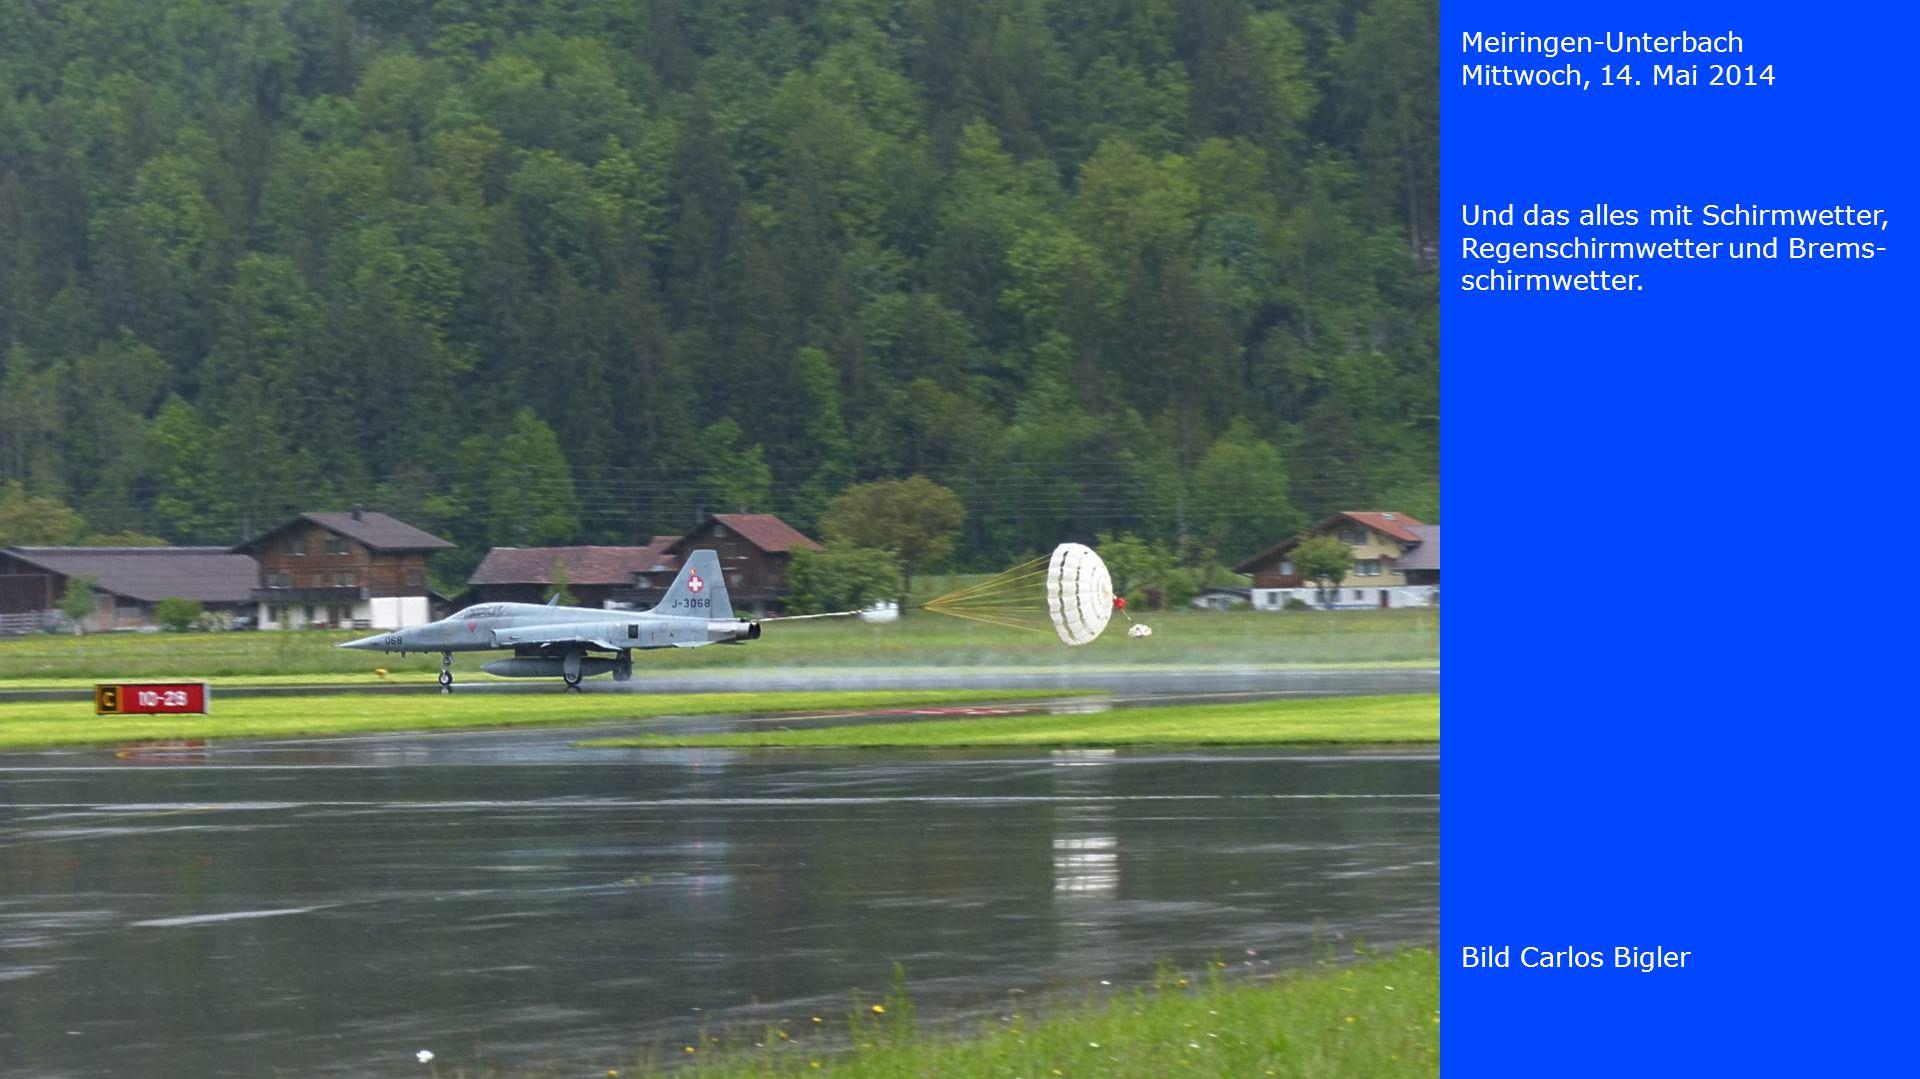 Meiringen-Unterbach Mittwoch, 14. Mai 2014 Und das alles mit Schirmwetter, Regenschirmwetter und Brems- schirmwetter. Bild Carlos Bigler